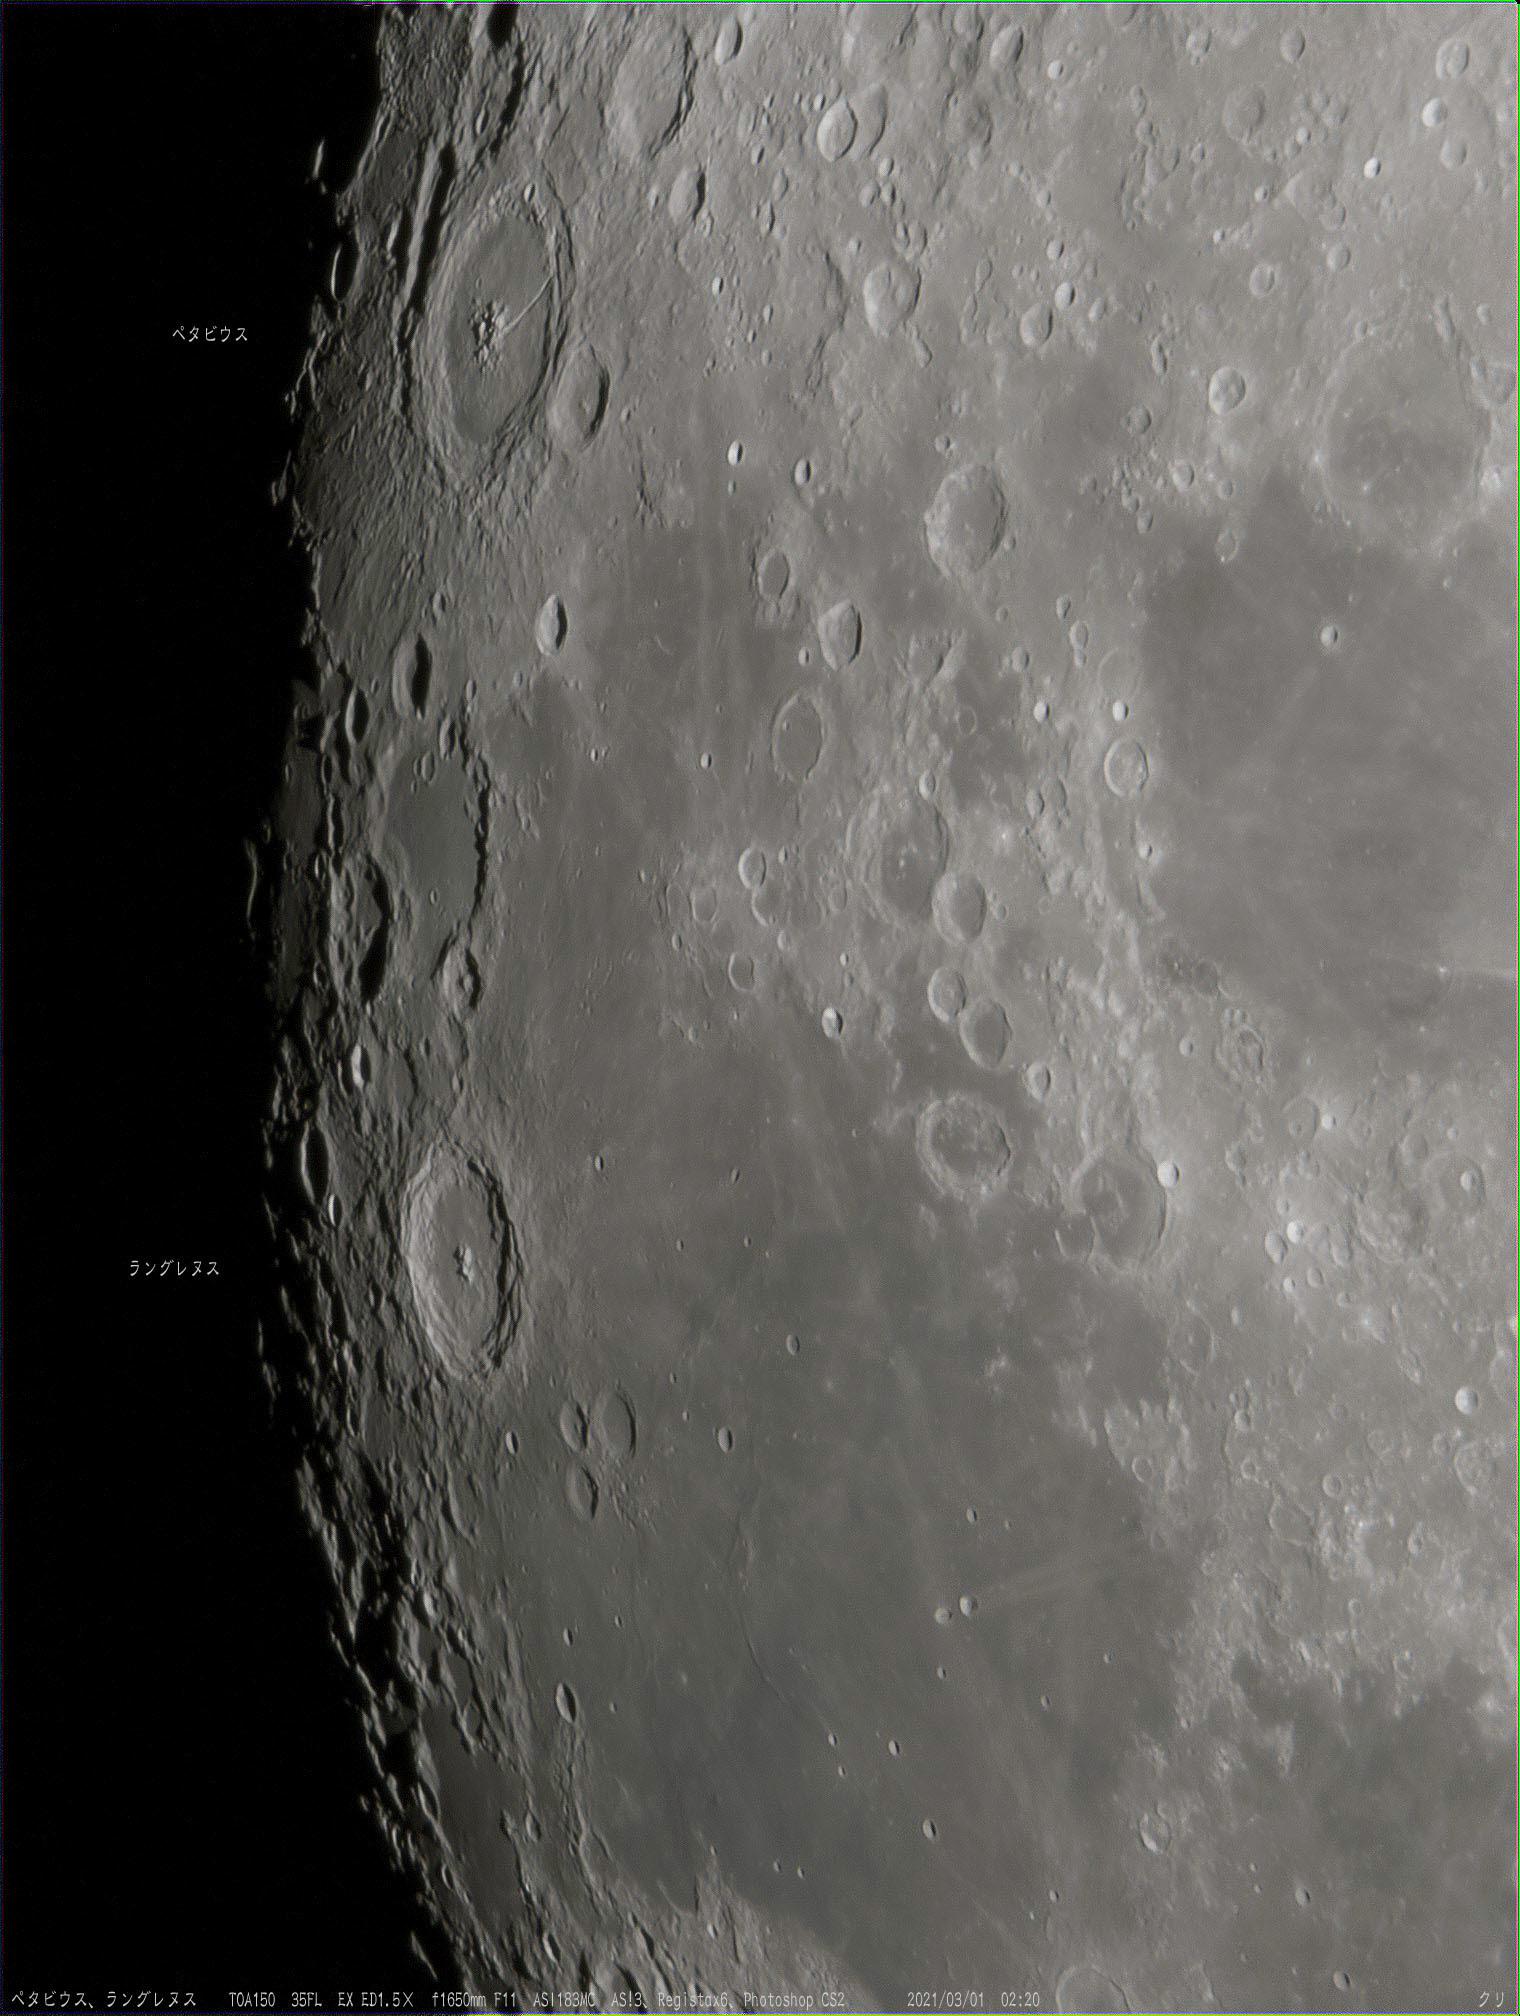 20210228^0301 ペタビウス、ラングレヌス Moon16_9(TOA150)_022027